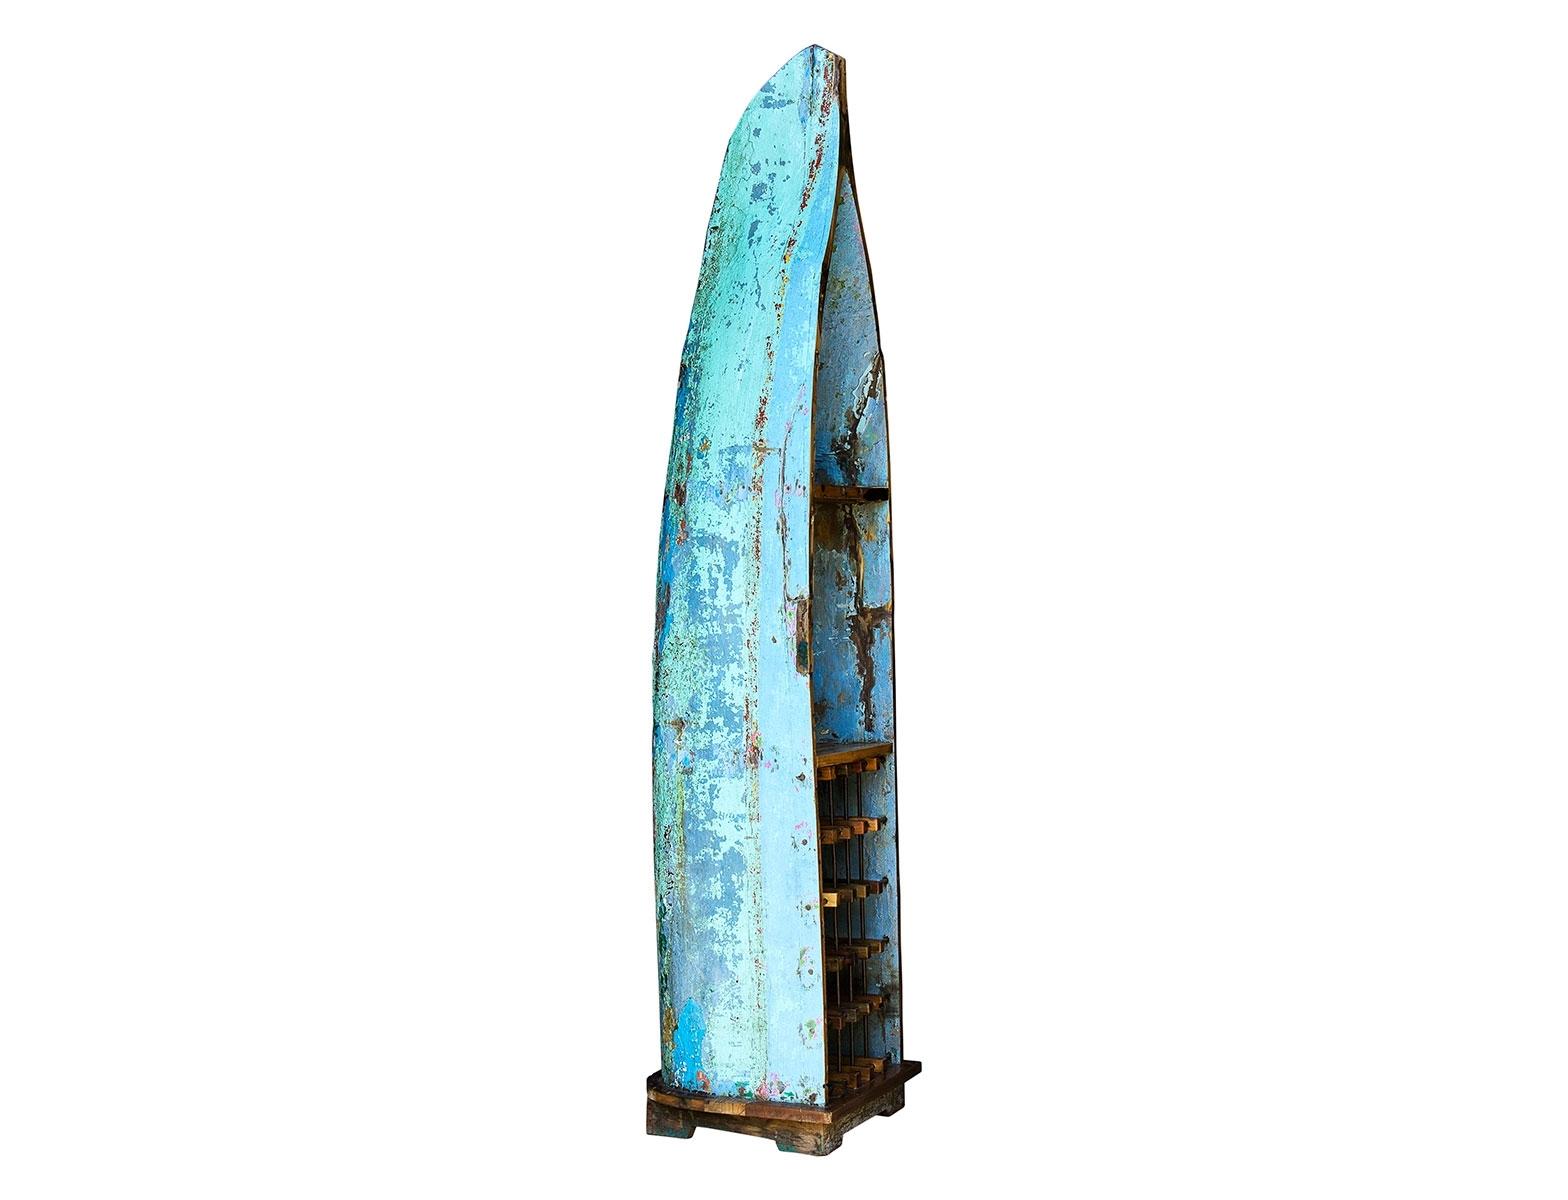 Лодка для вина ЛаперузВинные стеллажи<br>Винный шкаф, выполненный из старой рыбацкой лодки классической правильной формы с сохранением оригинальной многослойной окраски.<br><br>Хранит до 15 бутылок.<br>Подходит для использования как внутри помещения, так и снаружи.<br>Сборка не требуется.<br><br>Material: Тик<br>Width см: 58<br>Depth см: 48<br>Height см: 225